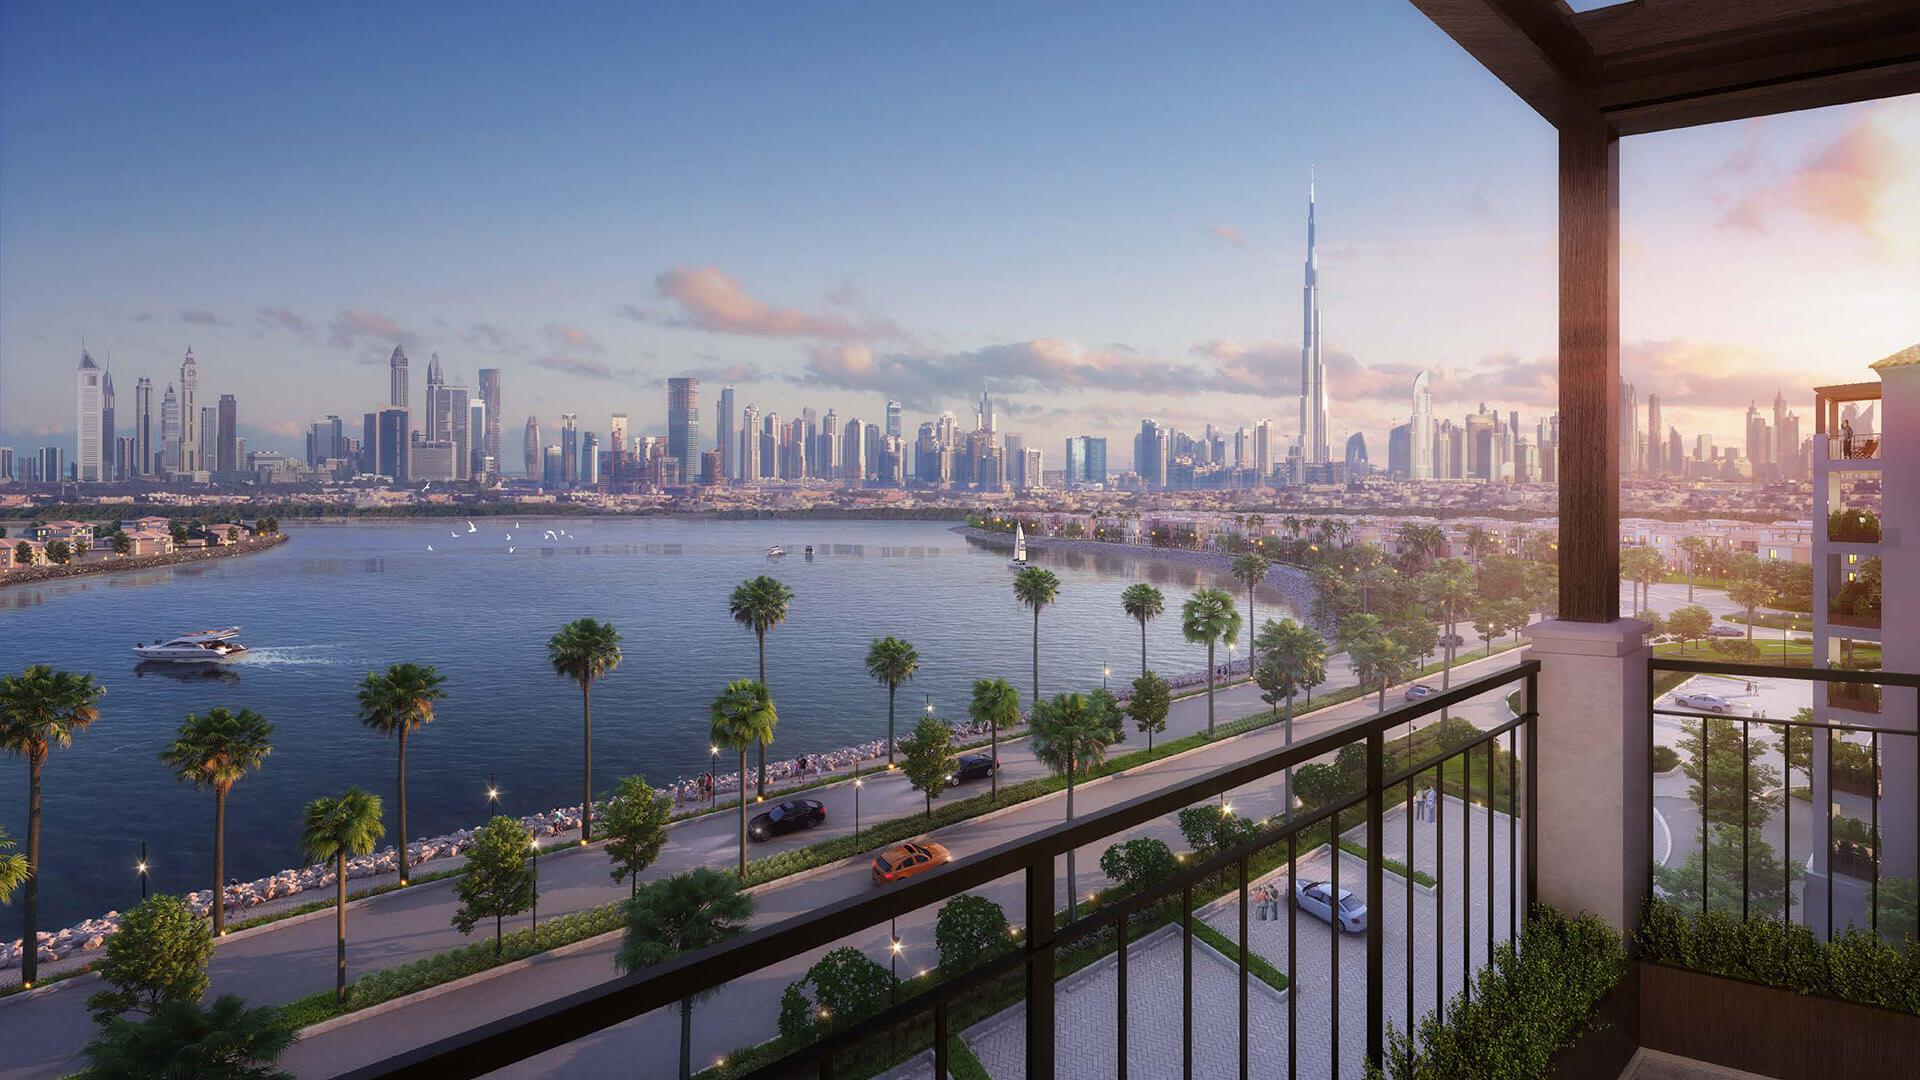 LA VOILE, Port de la mer, Dubai, EAU – foto 5